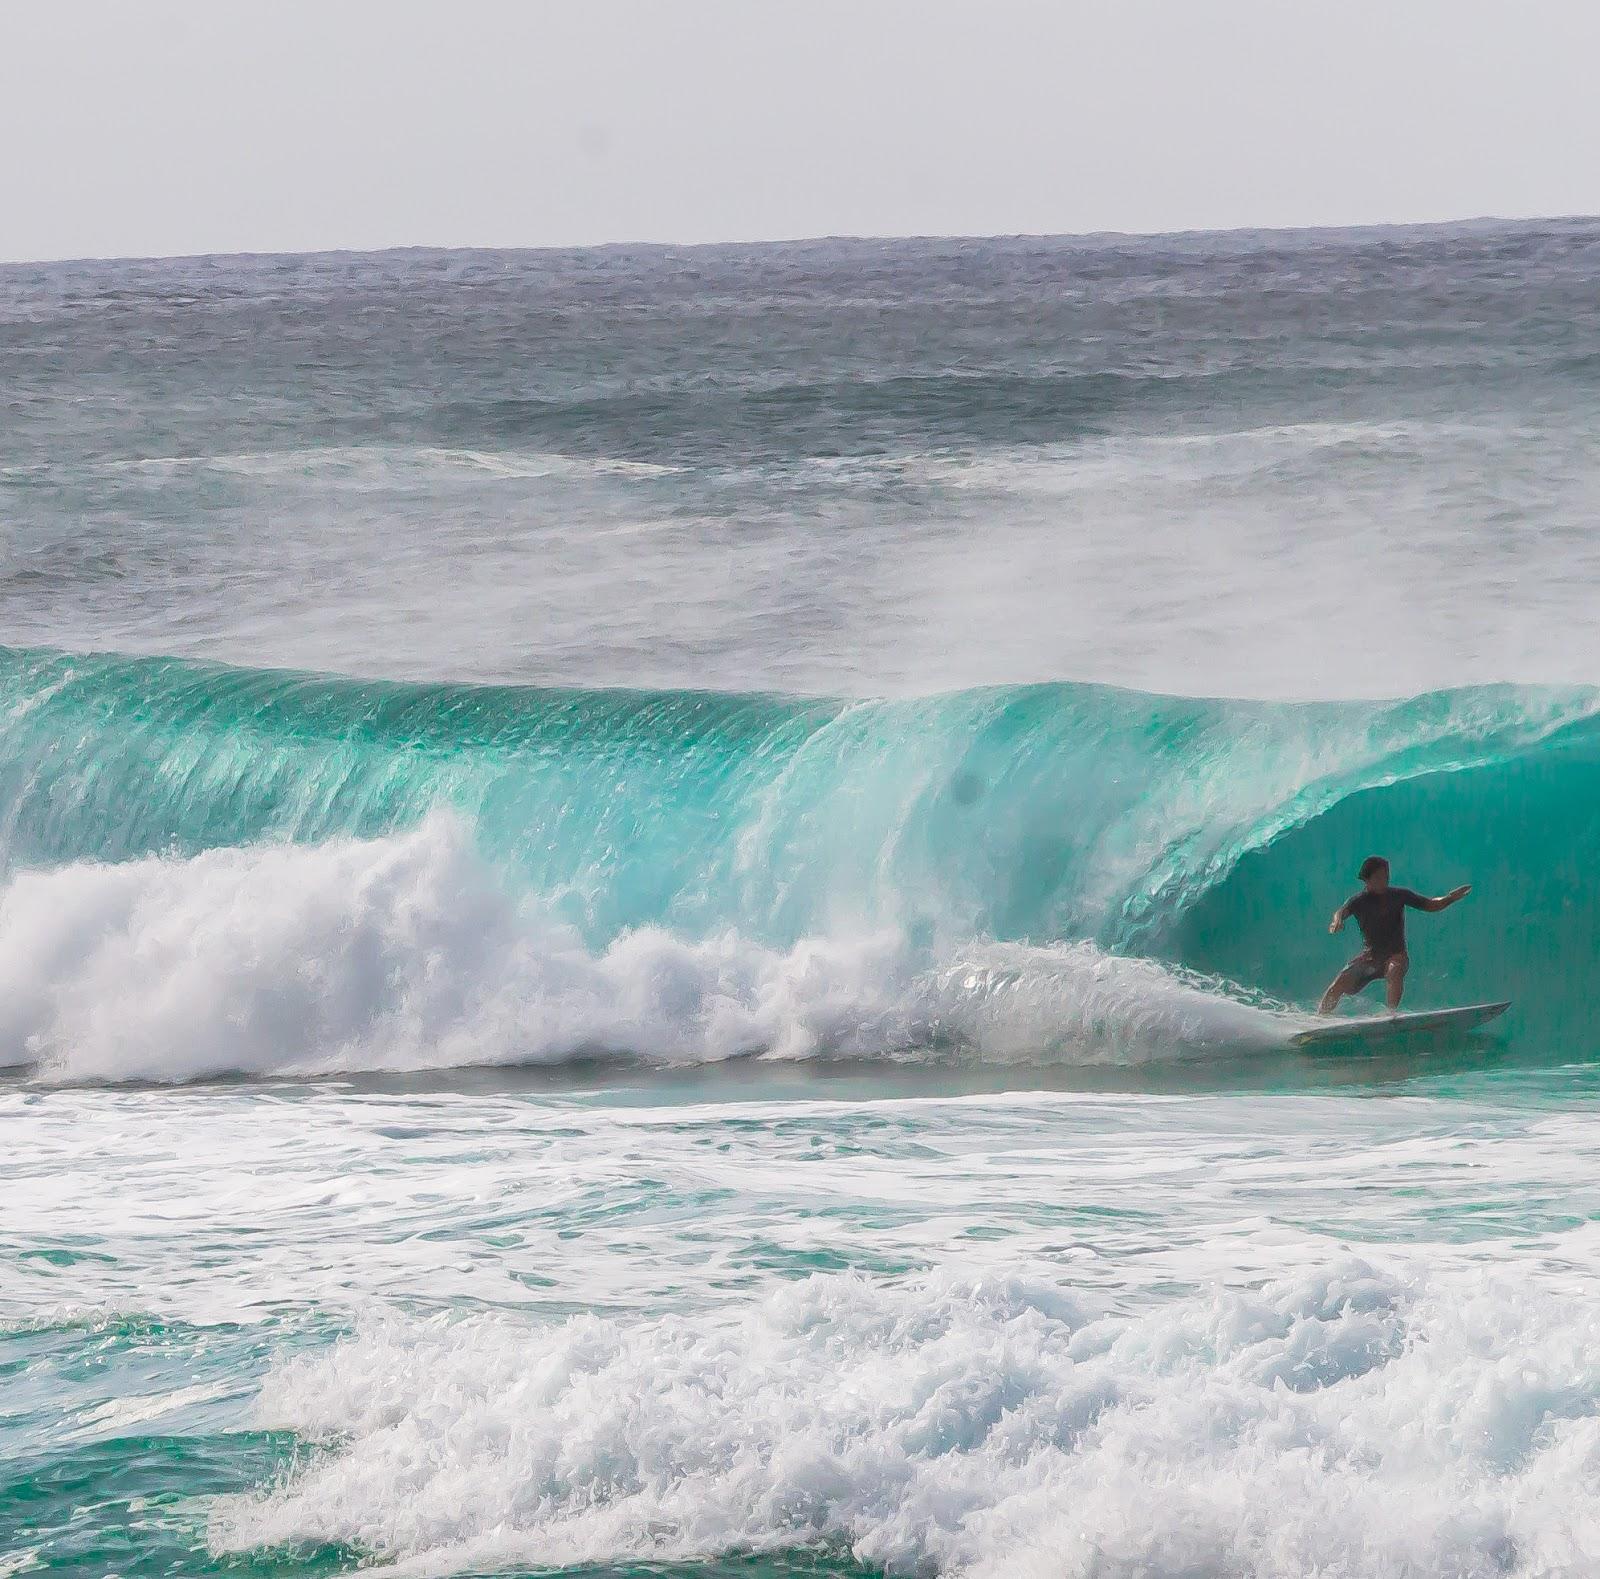 Surfer in Banzai Pipeline